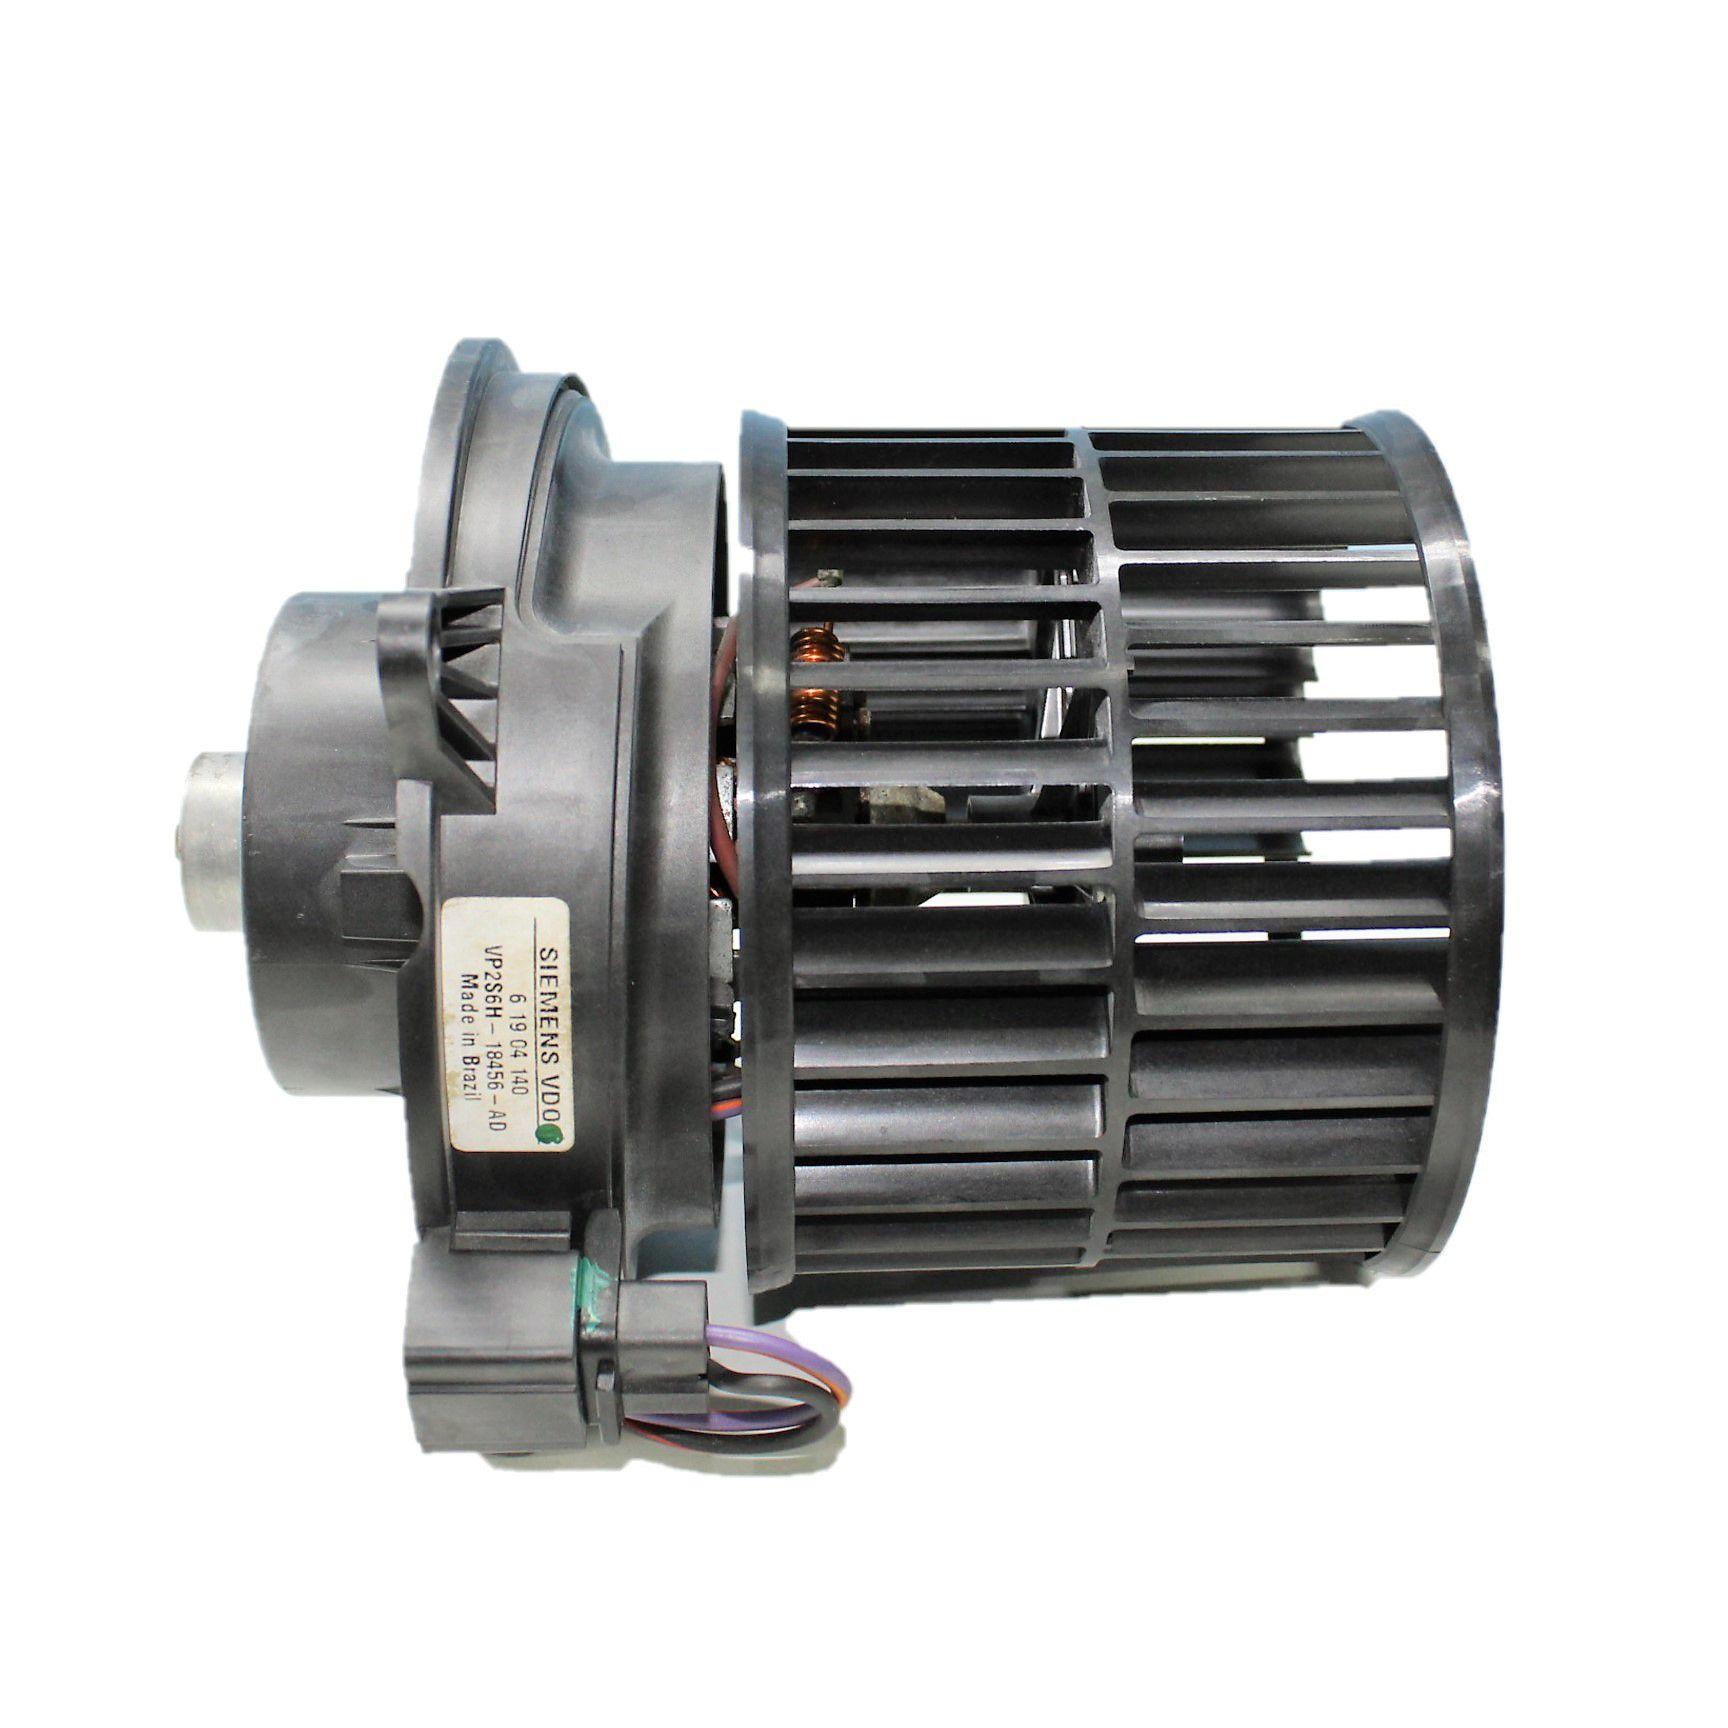 Motor Ventilador Interno Ar condicionado Fiesta, Ecosport - USADO